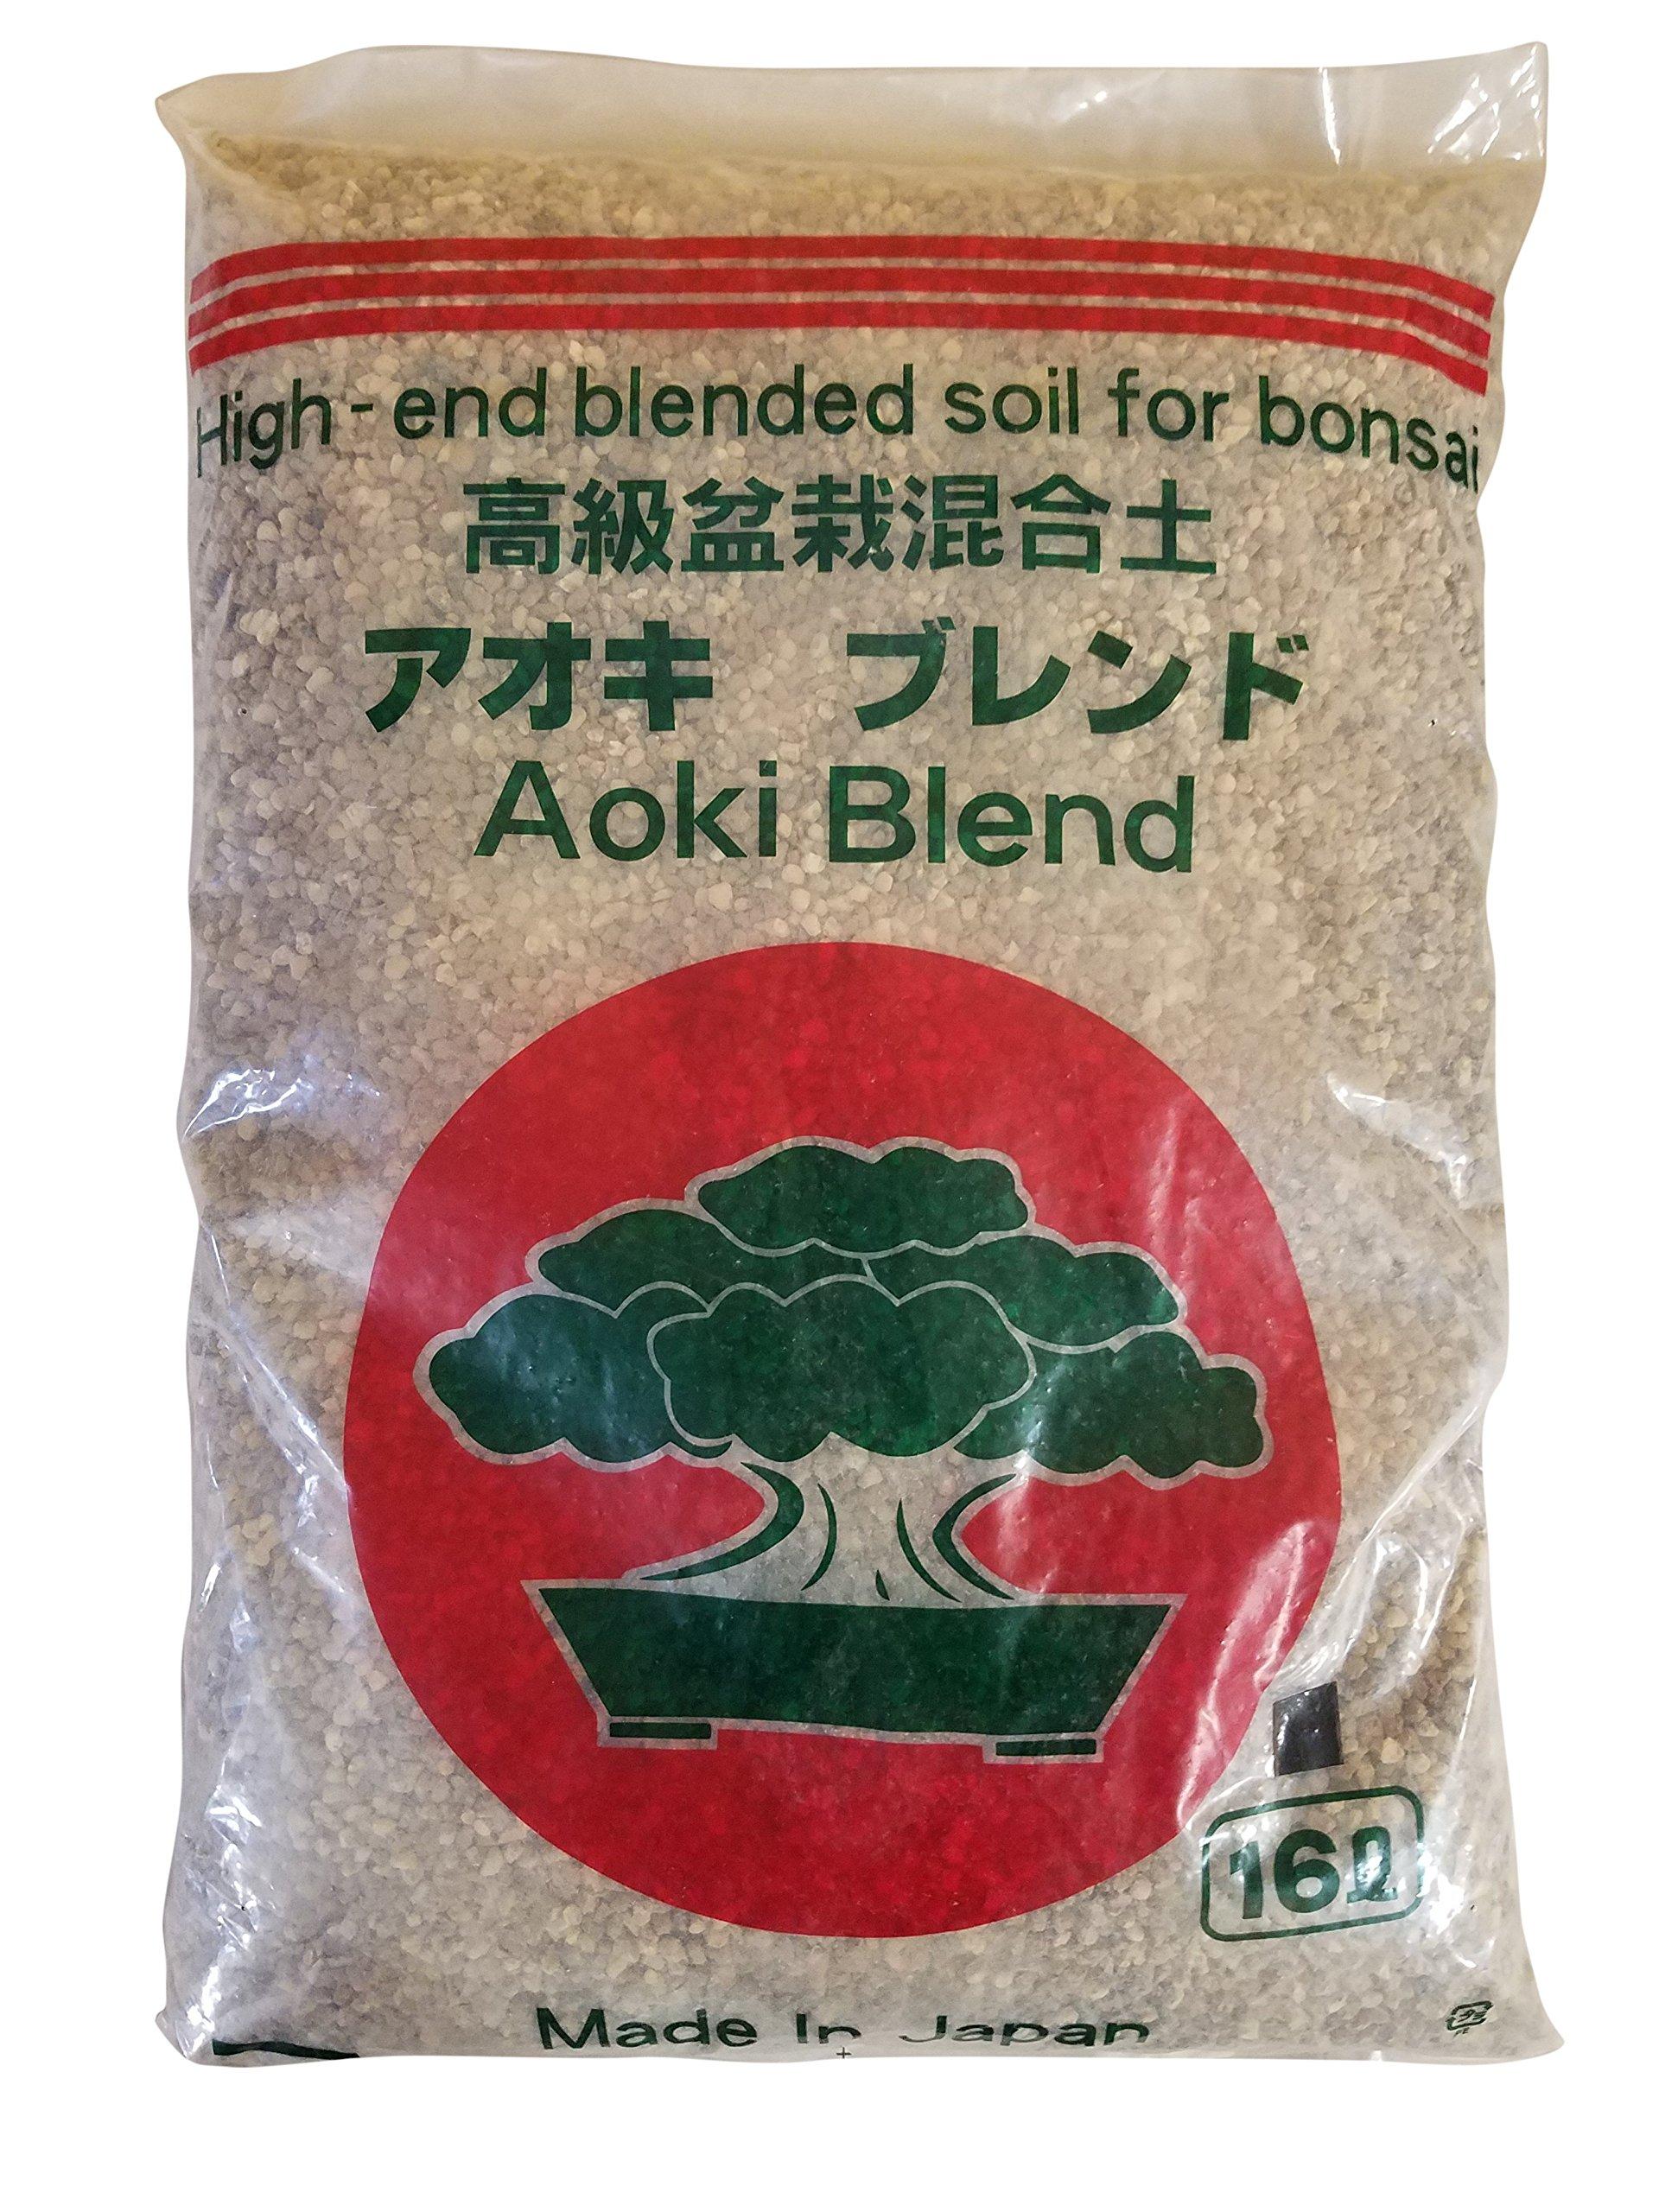 Aoki Conifer Japanese Bonsai Soil Blend Mix Small Size 5mm - 16L